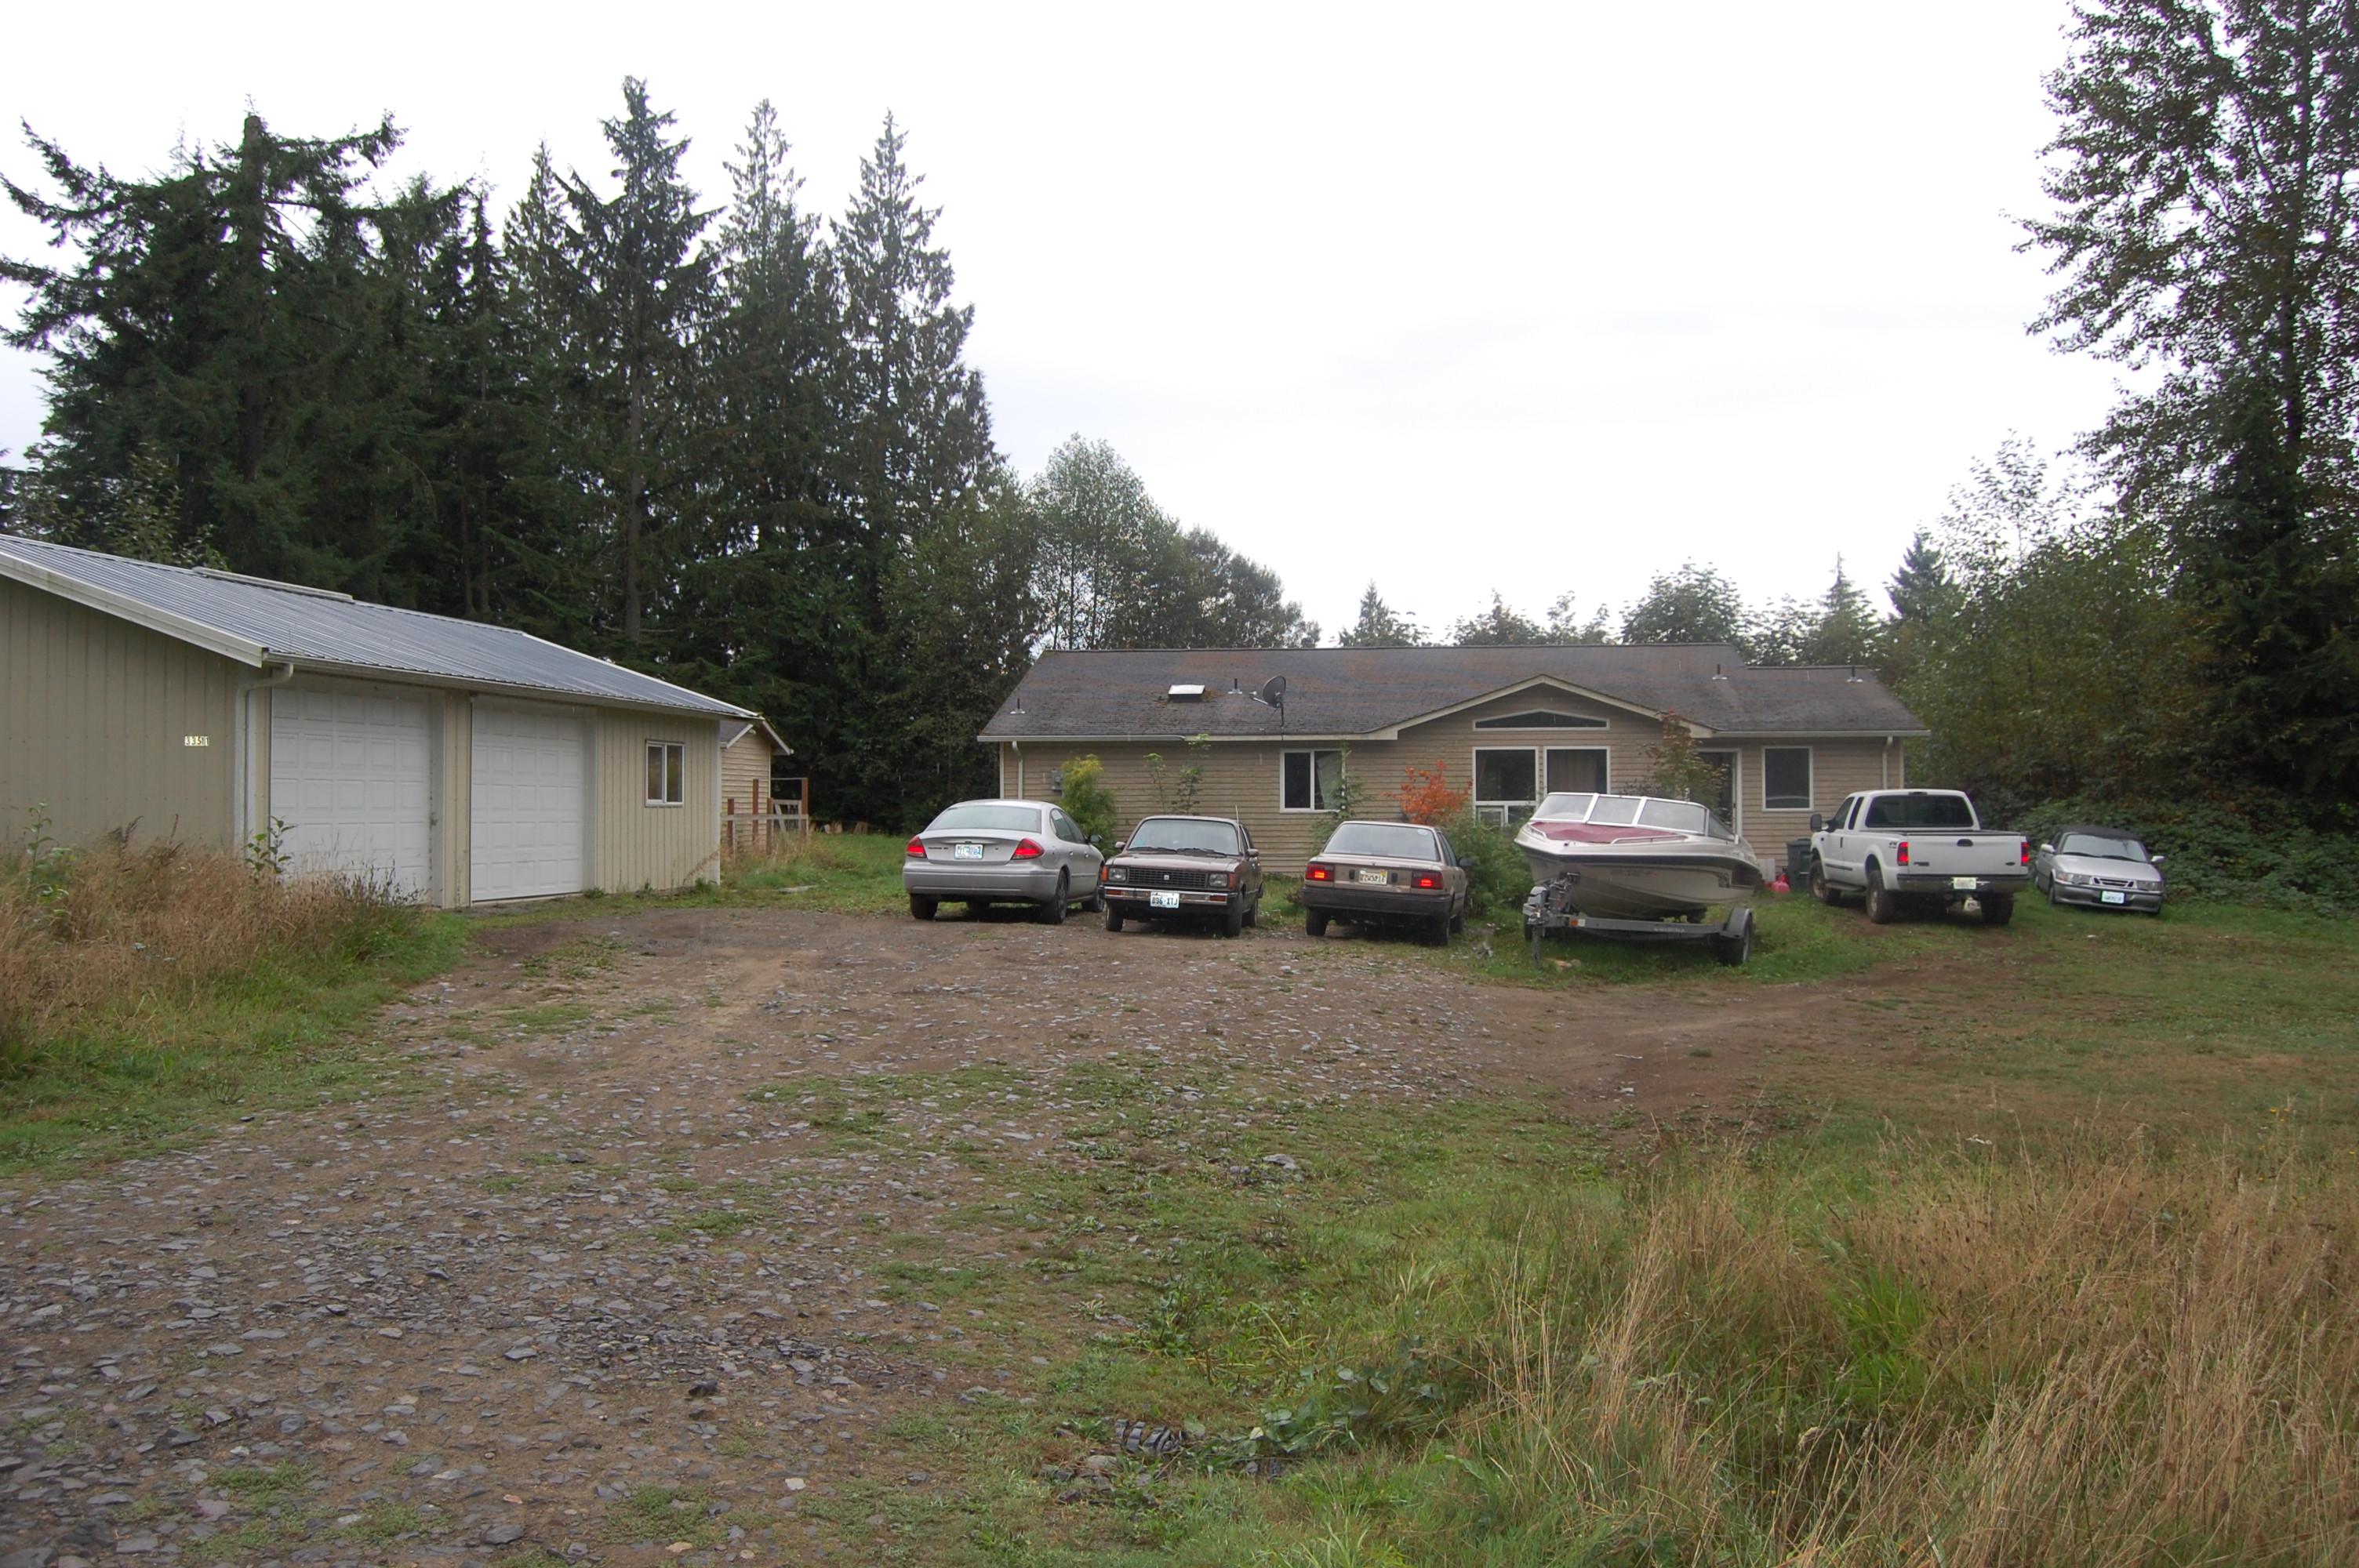 33511 Ne 66th St, Carnation, WA 98014